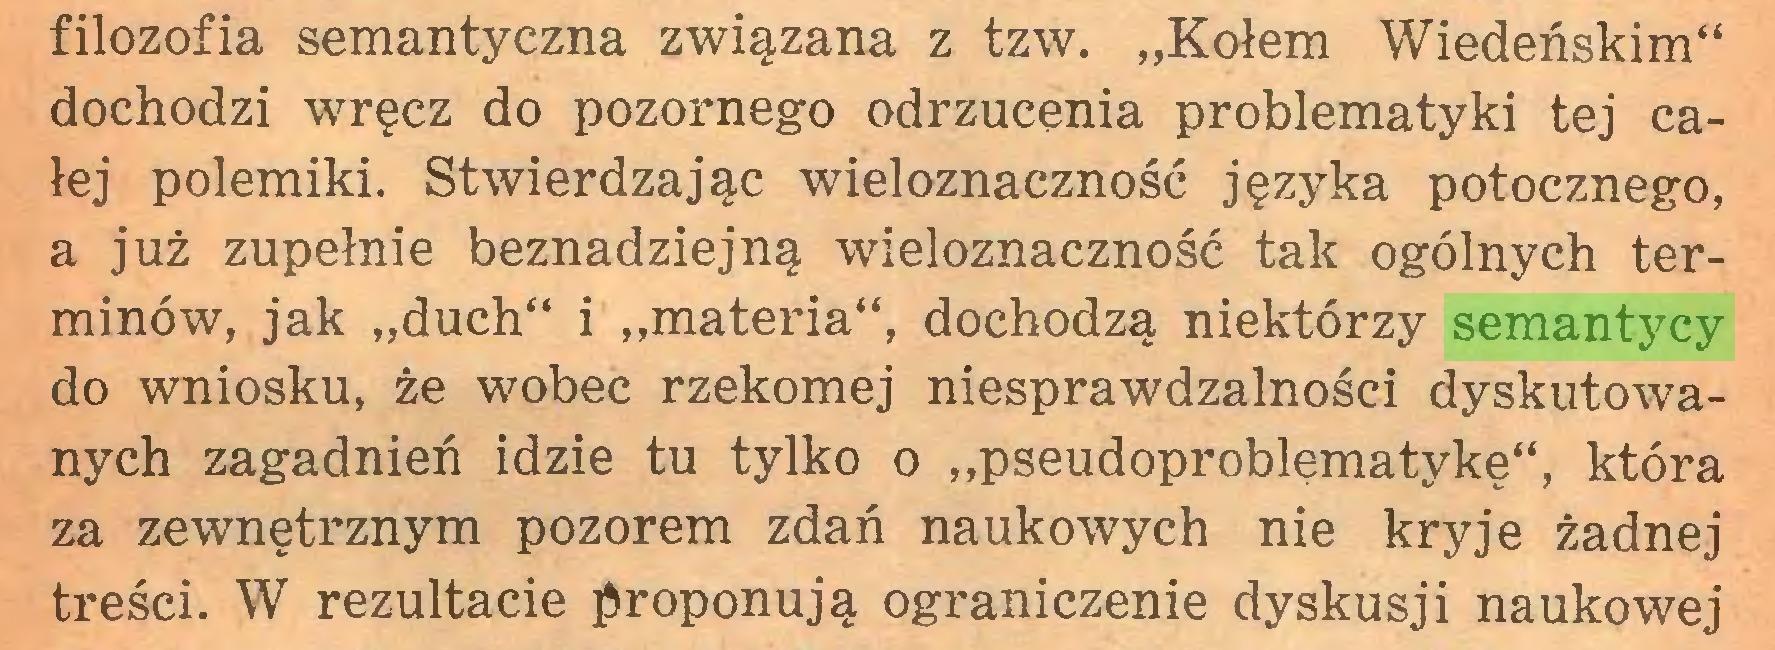 """(...) filozofia semantyczna związana z tzw. """"Kołem Wiedeńskim"""" dochodzi wręcz do pozornego odrzucenia problematyki tej całej polemiki. Stwierdzając wieloznaczność języka potocznego, a już zupełnie beznadziejną wieloznaczność tak ogólnych terminów, jak """"duch"""" i """"materia"""", dochodzą niektórzy semantycy do wniosku, że wobec rzekomej niesprawdzalności dyskutowanych zagadnień idzie tu tylko o """"pseudoproblęmatykę"""", która za zewnętrznym pozorem zdań naukowych nie kryje żadnej treści. W rezultacie proponują ograniczenie dyskusji naukowej..."""